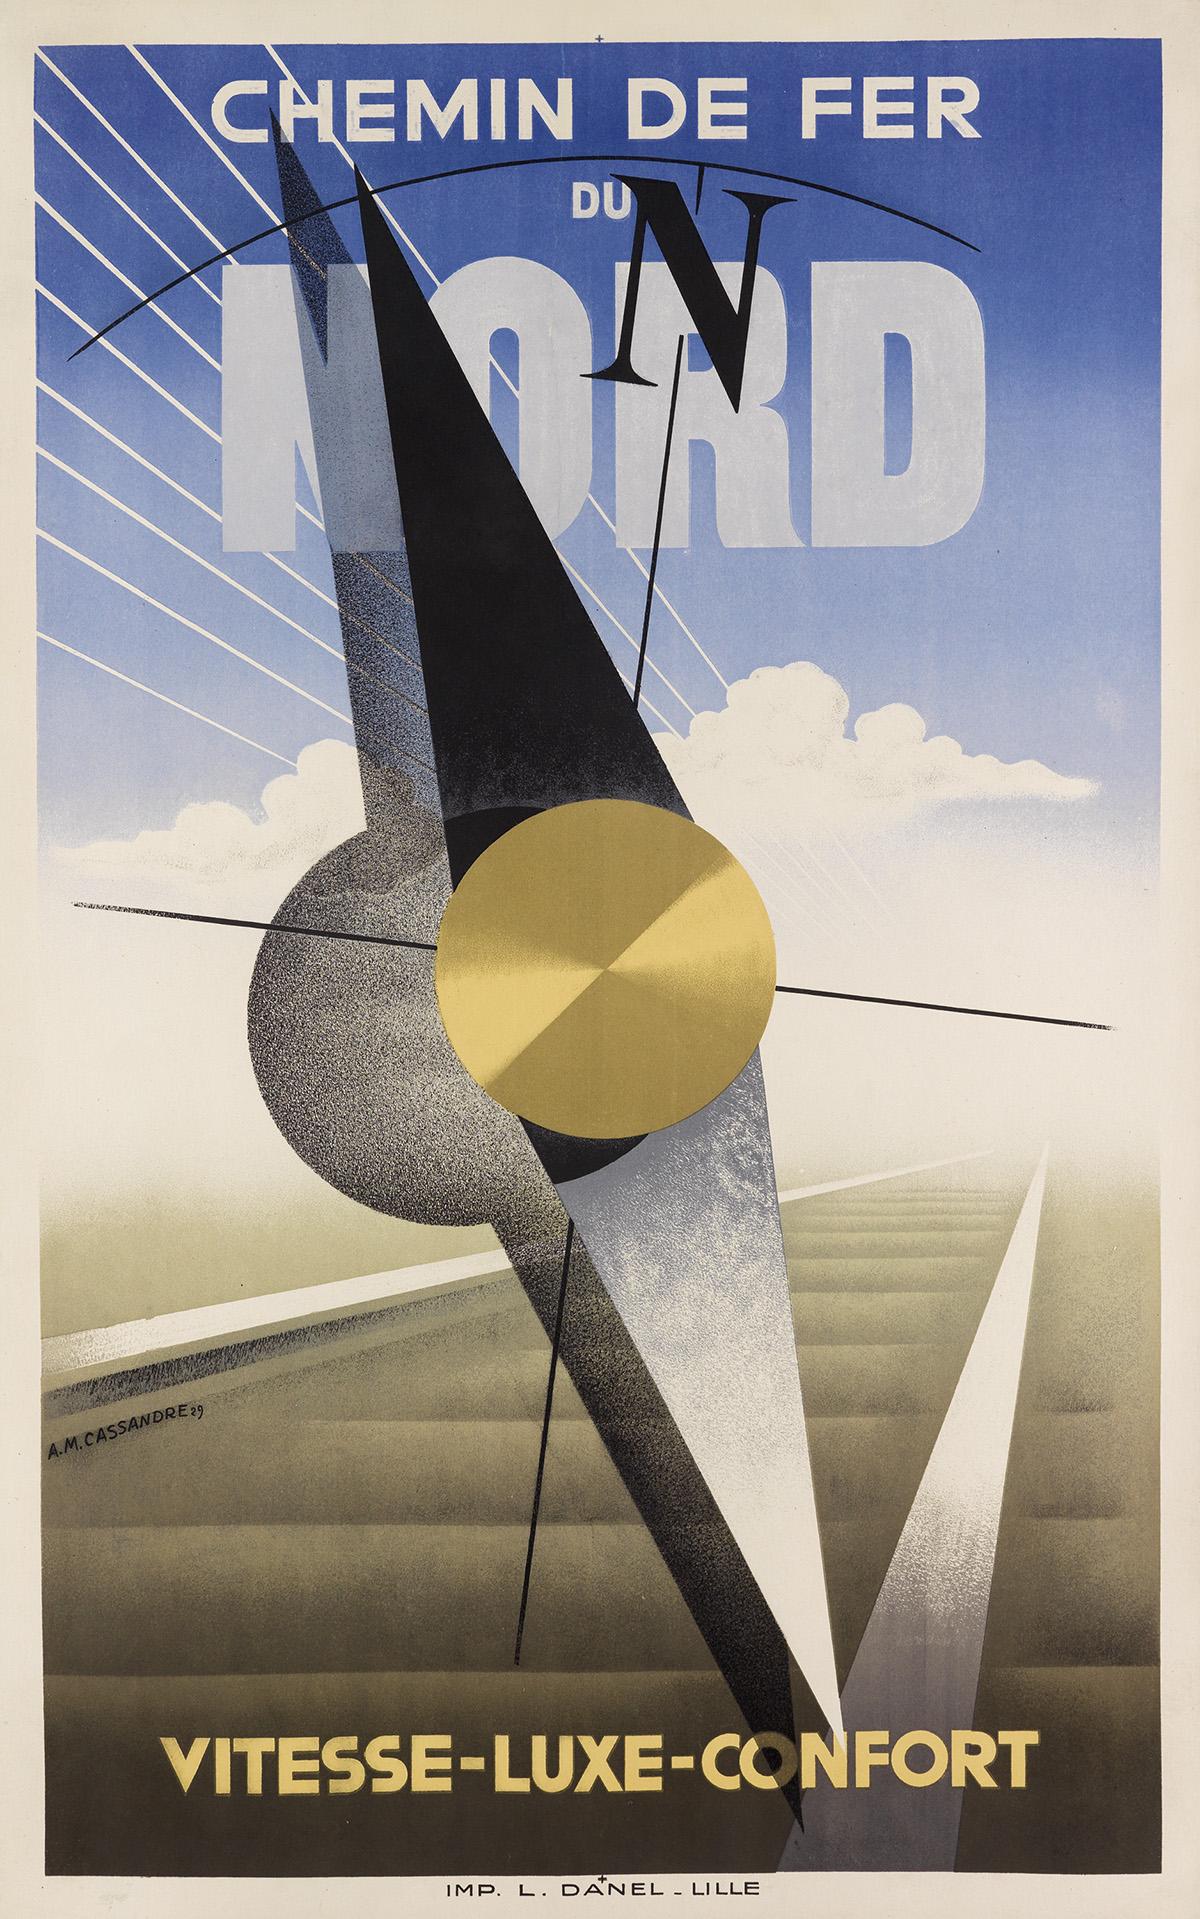 ADOLPHE MOURON CASSANDRE (1901-1968). CHEMIN DE FER DU NORD. 1929. 39x24 inches, 99x63 cm. L. Danel, Lille.